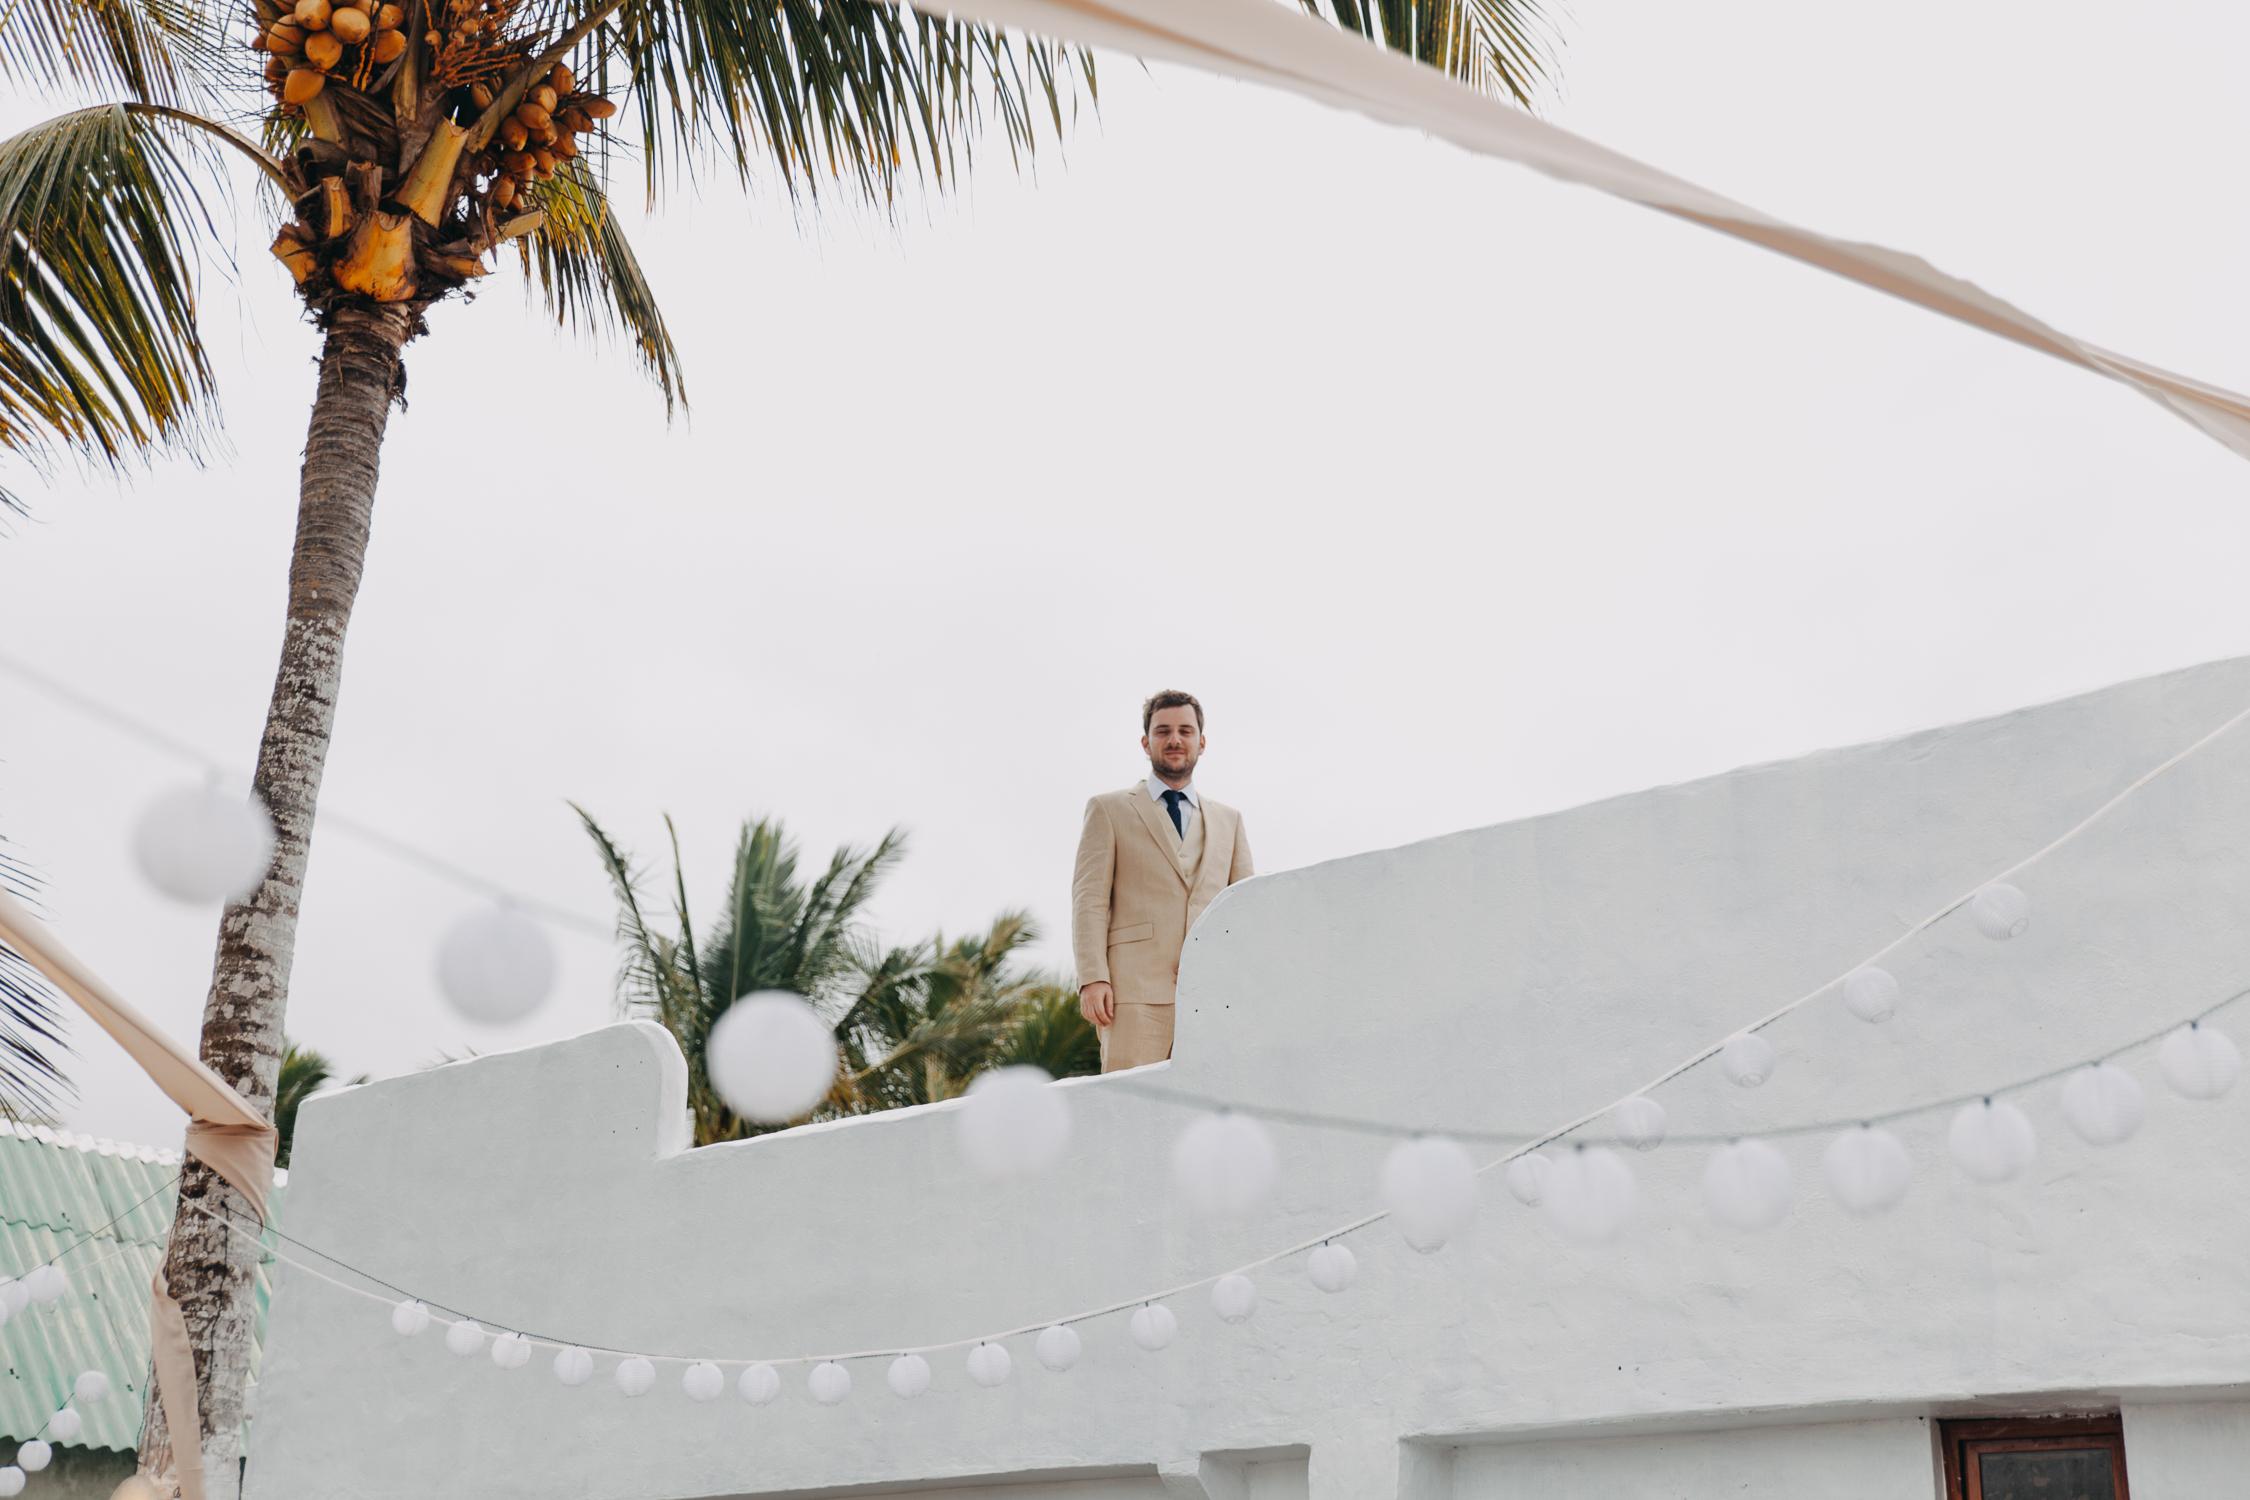 Michelle-Agurto-Fotografia-Bodas-Ecuador-Destination-Wedding-Photographer-Galapagos-Andrea-Joaquin-34.JPG